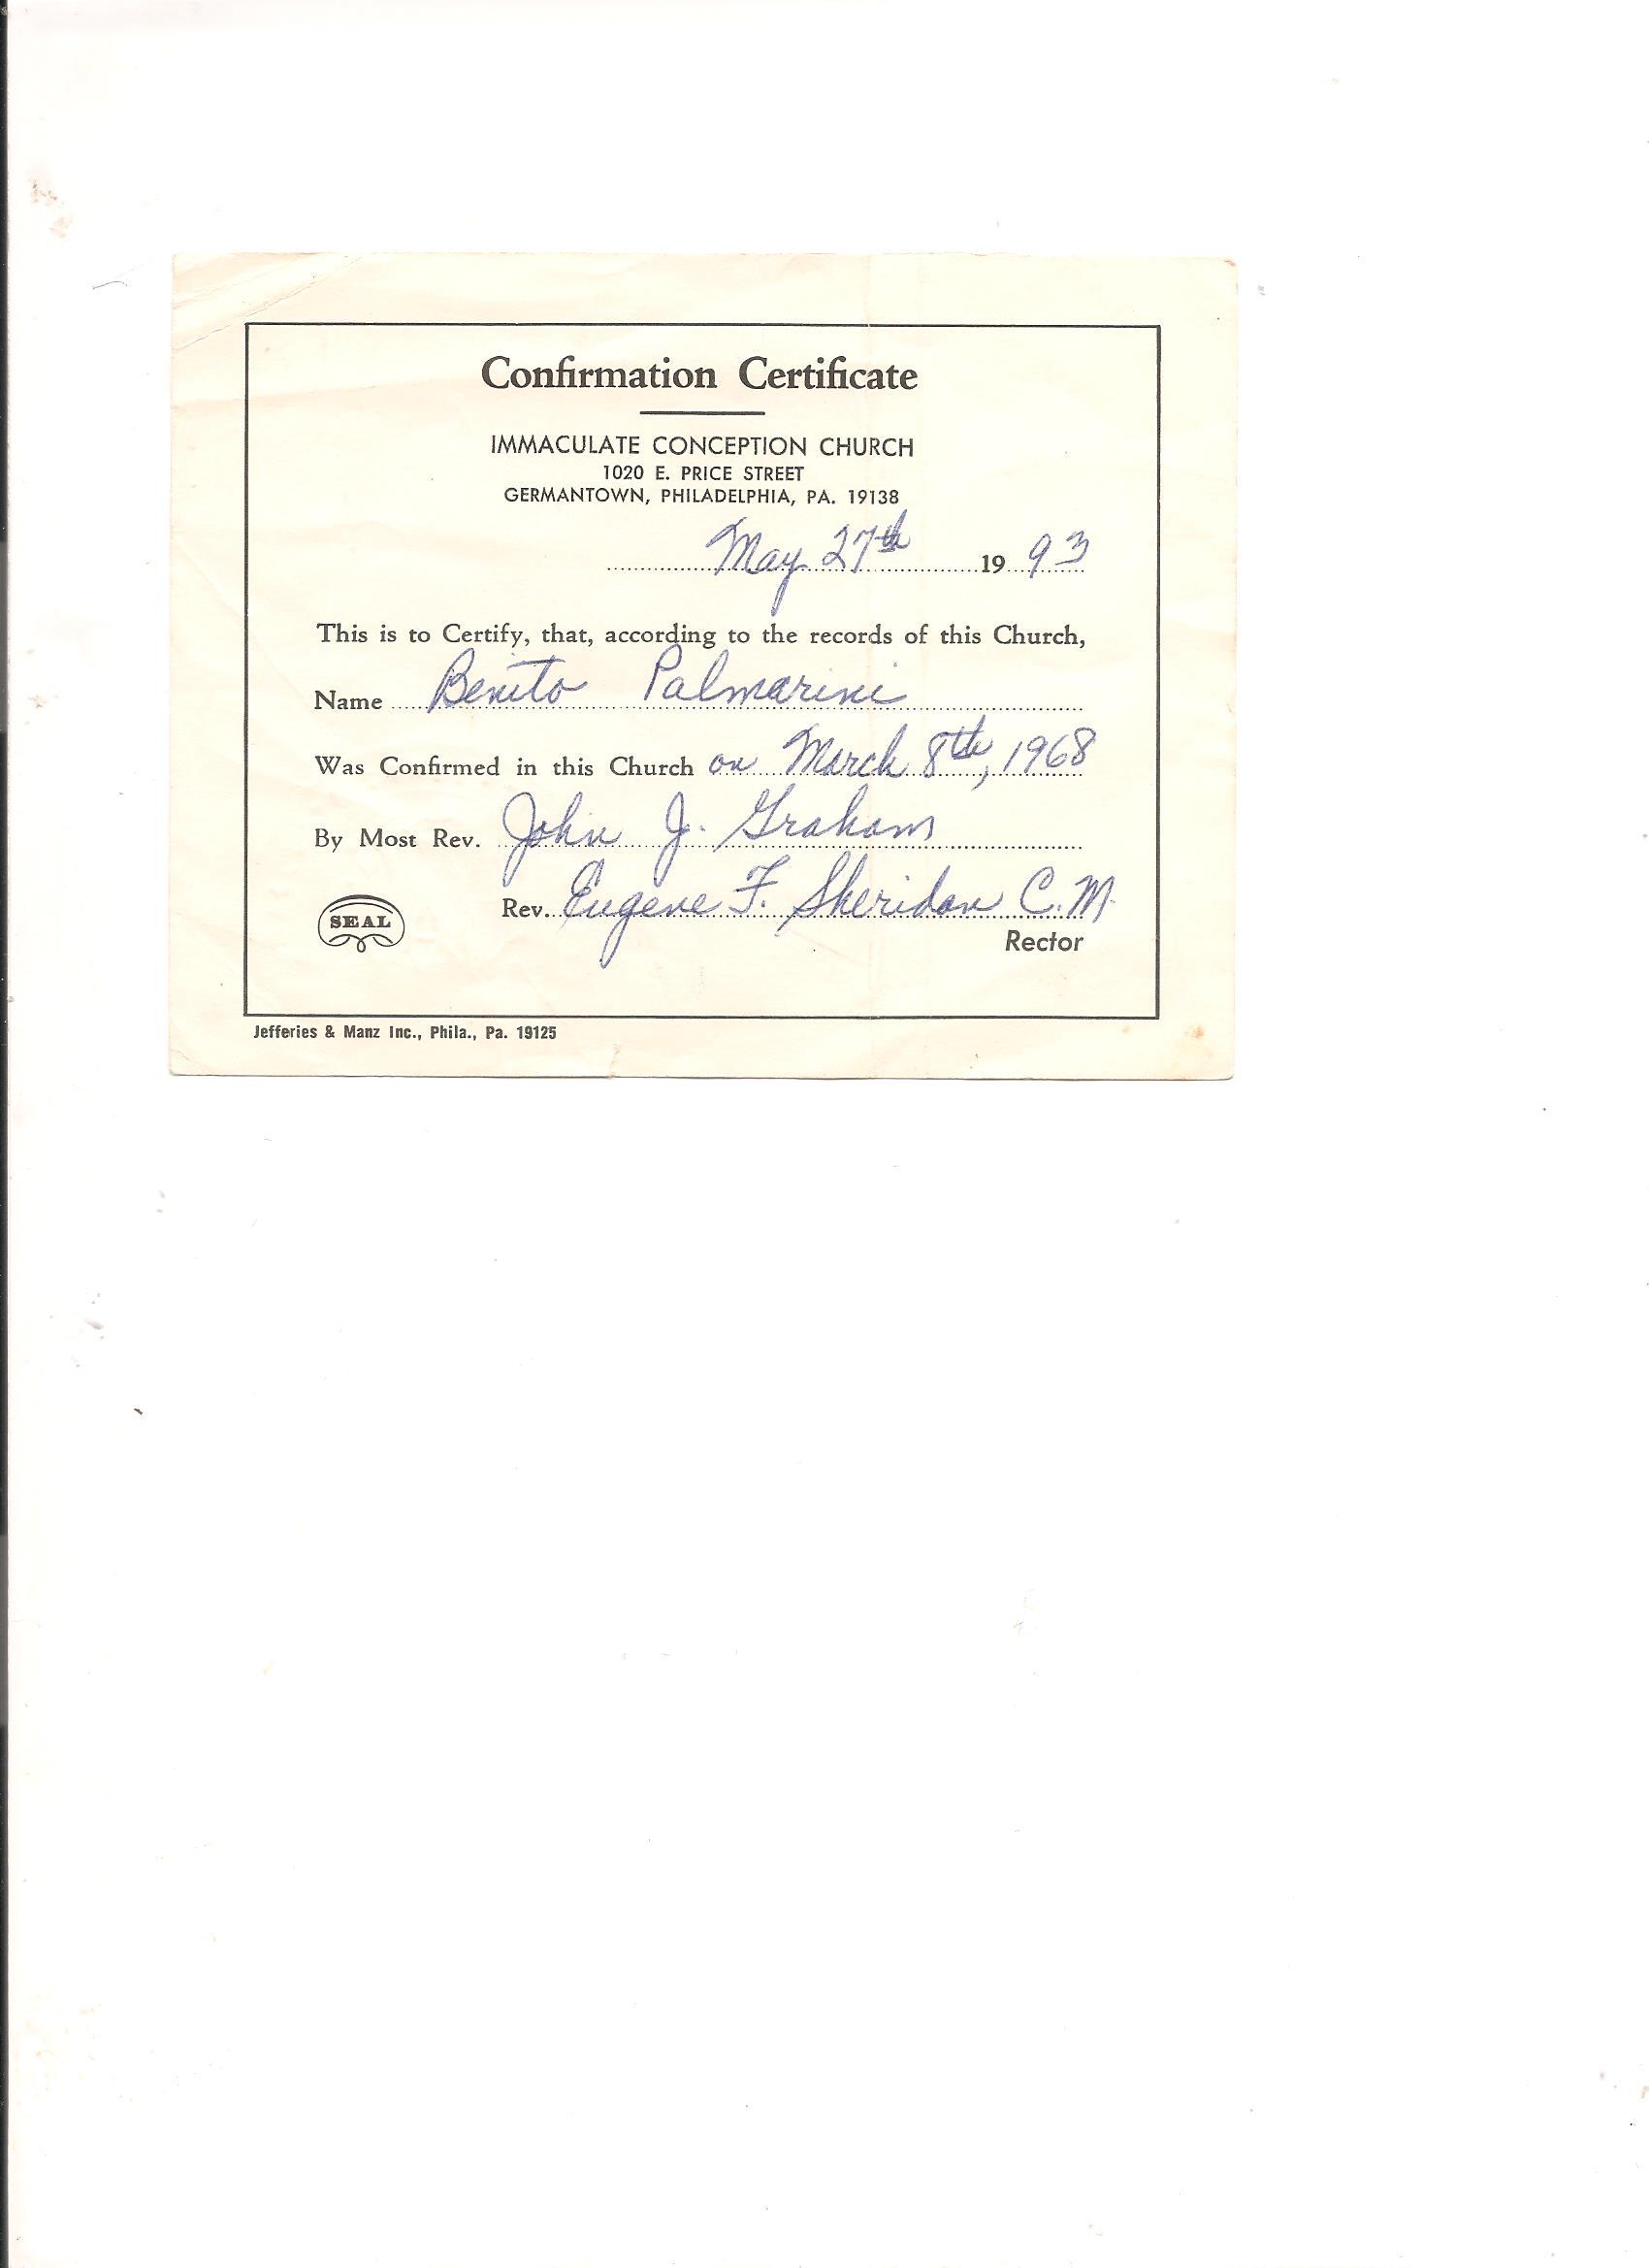 Confirmation Certificate Benito Palmarini